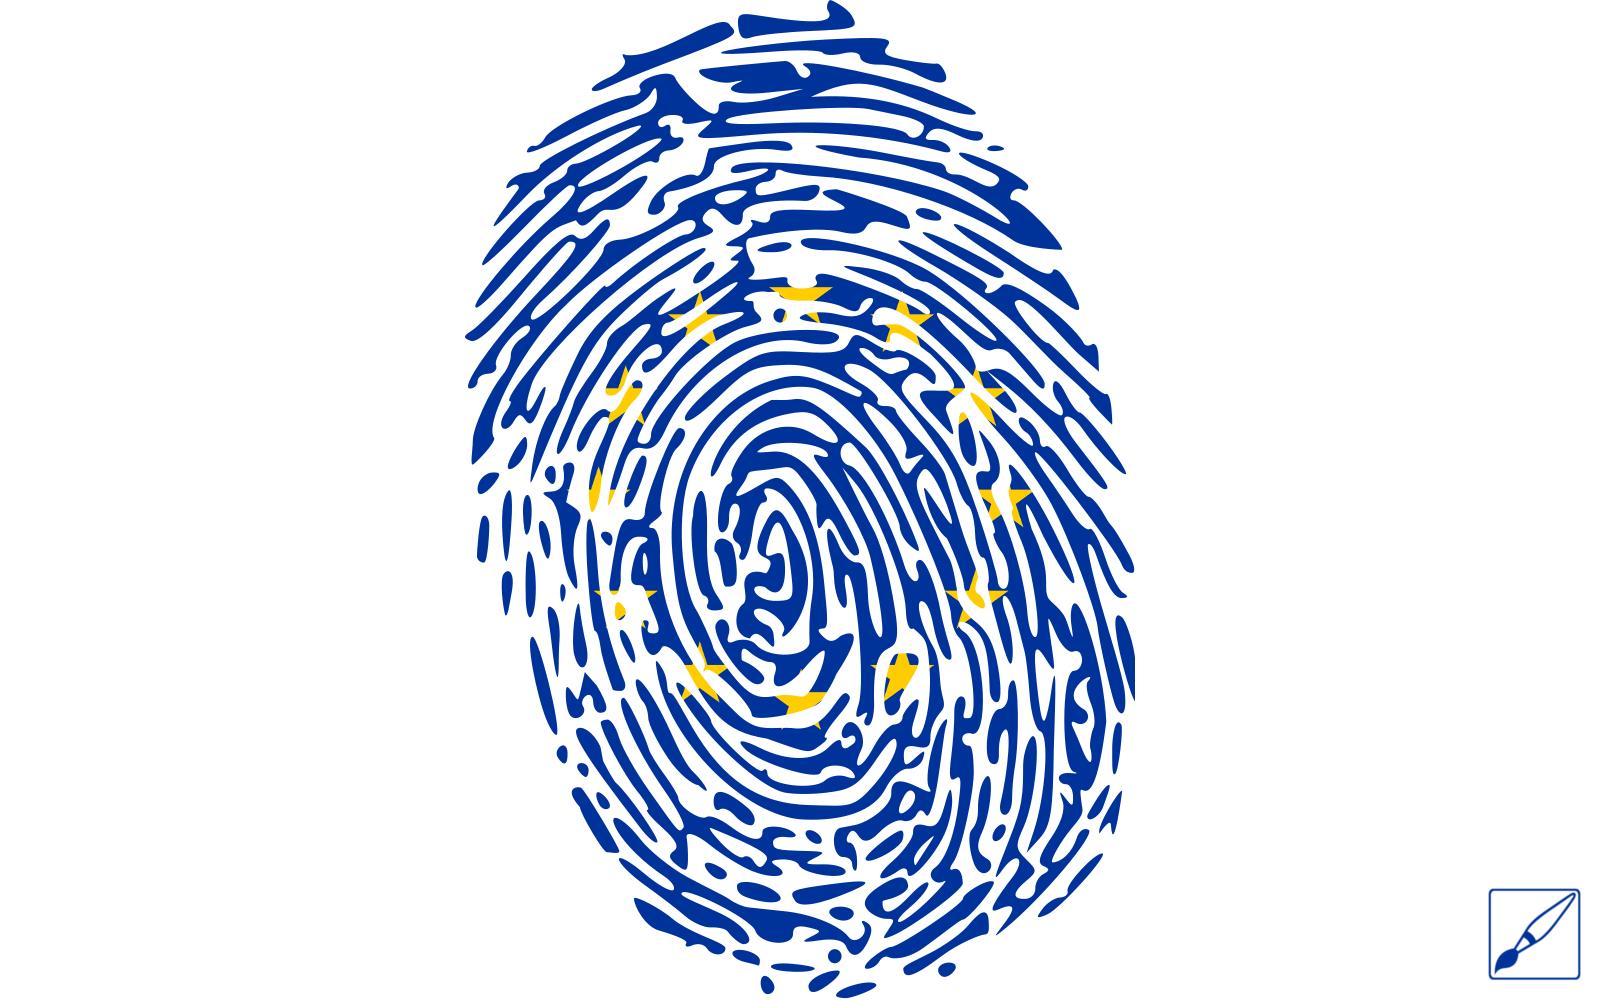 Bezaubernd Bild Fingerabdruck Sammlung Von Ist Die Übereinstimmung Höher Als Beim Original,